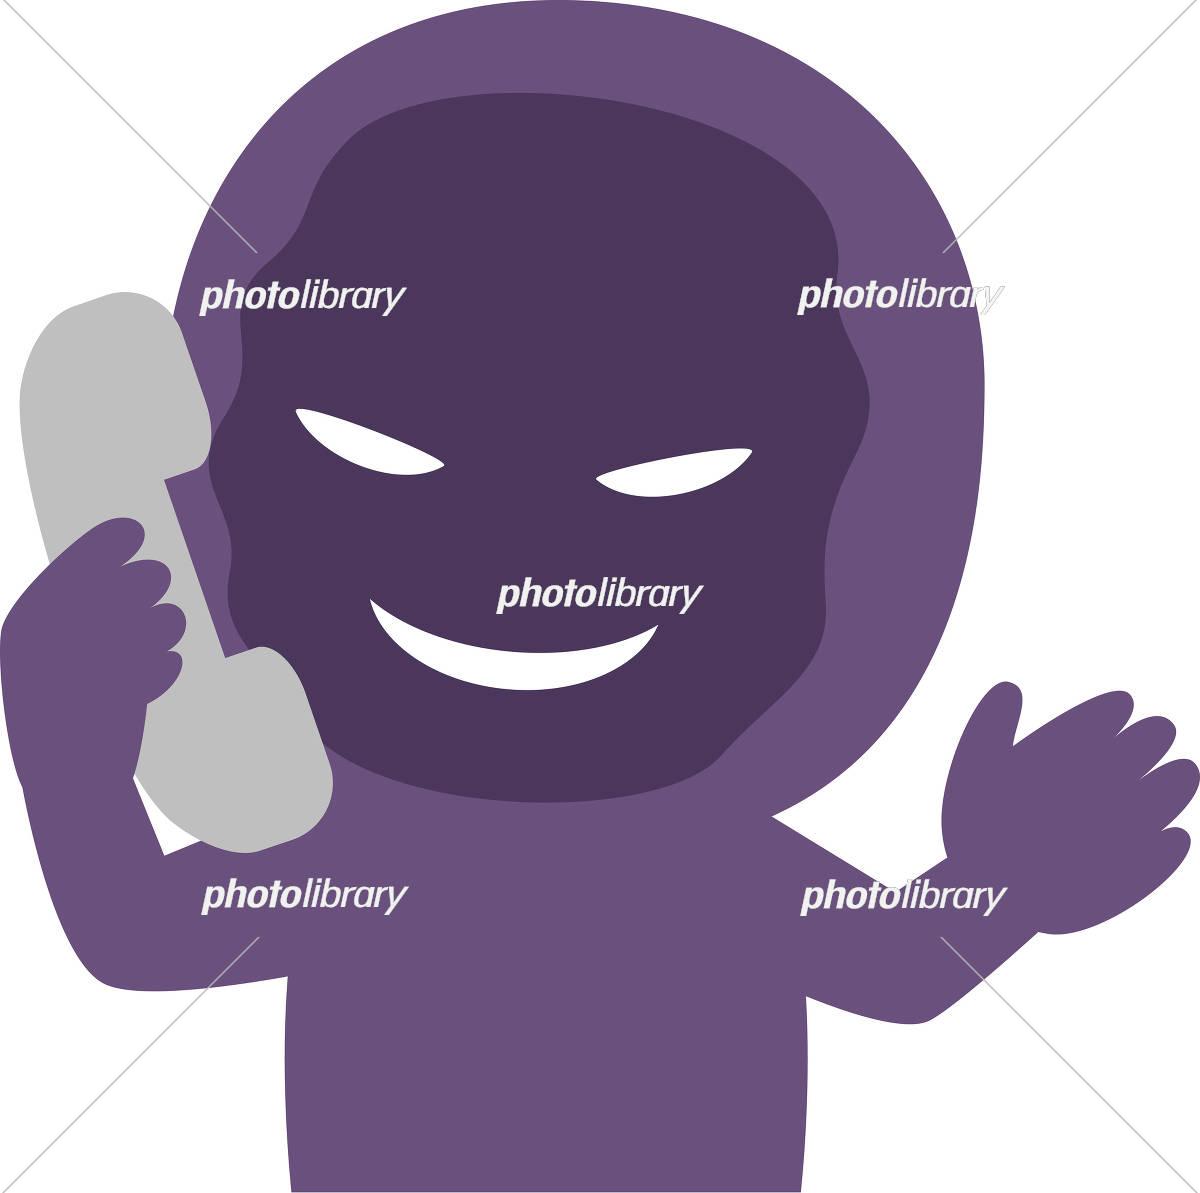 電話口でしゃべる不審人物 イラスト素材 5379313 フォトライブ